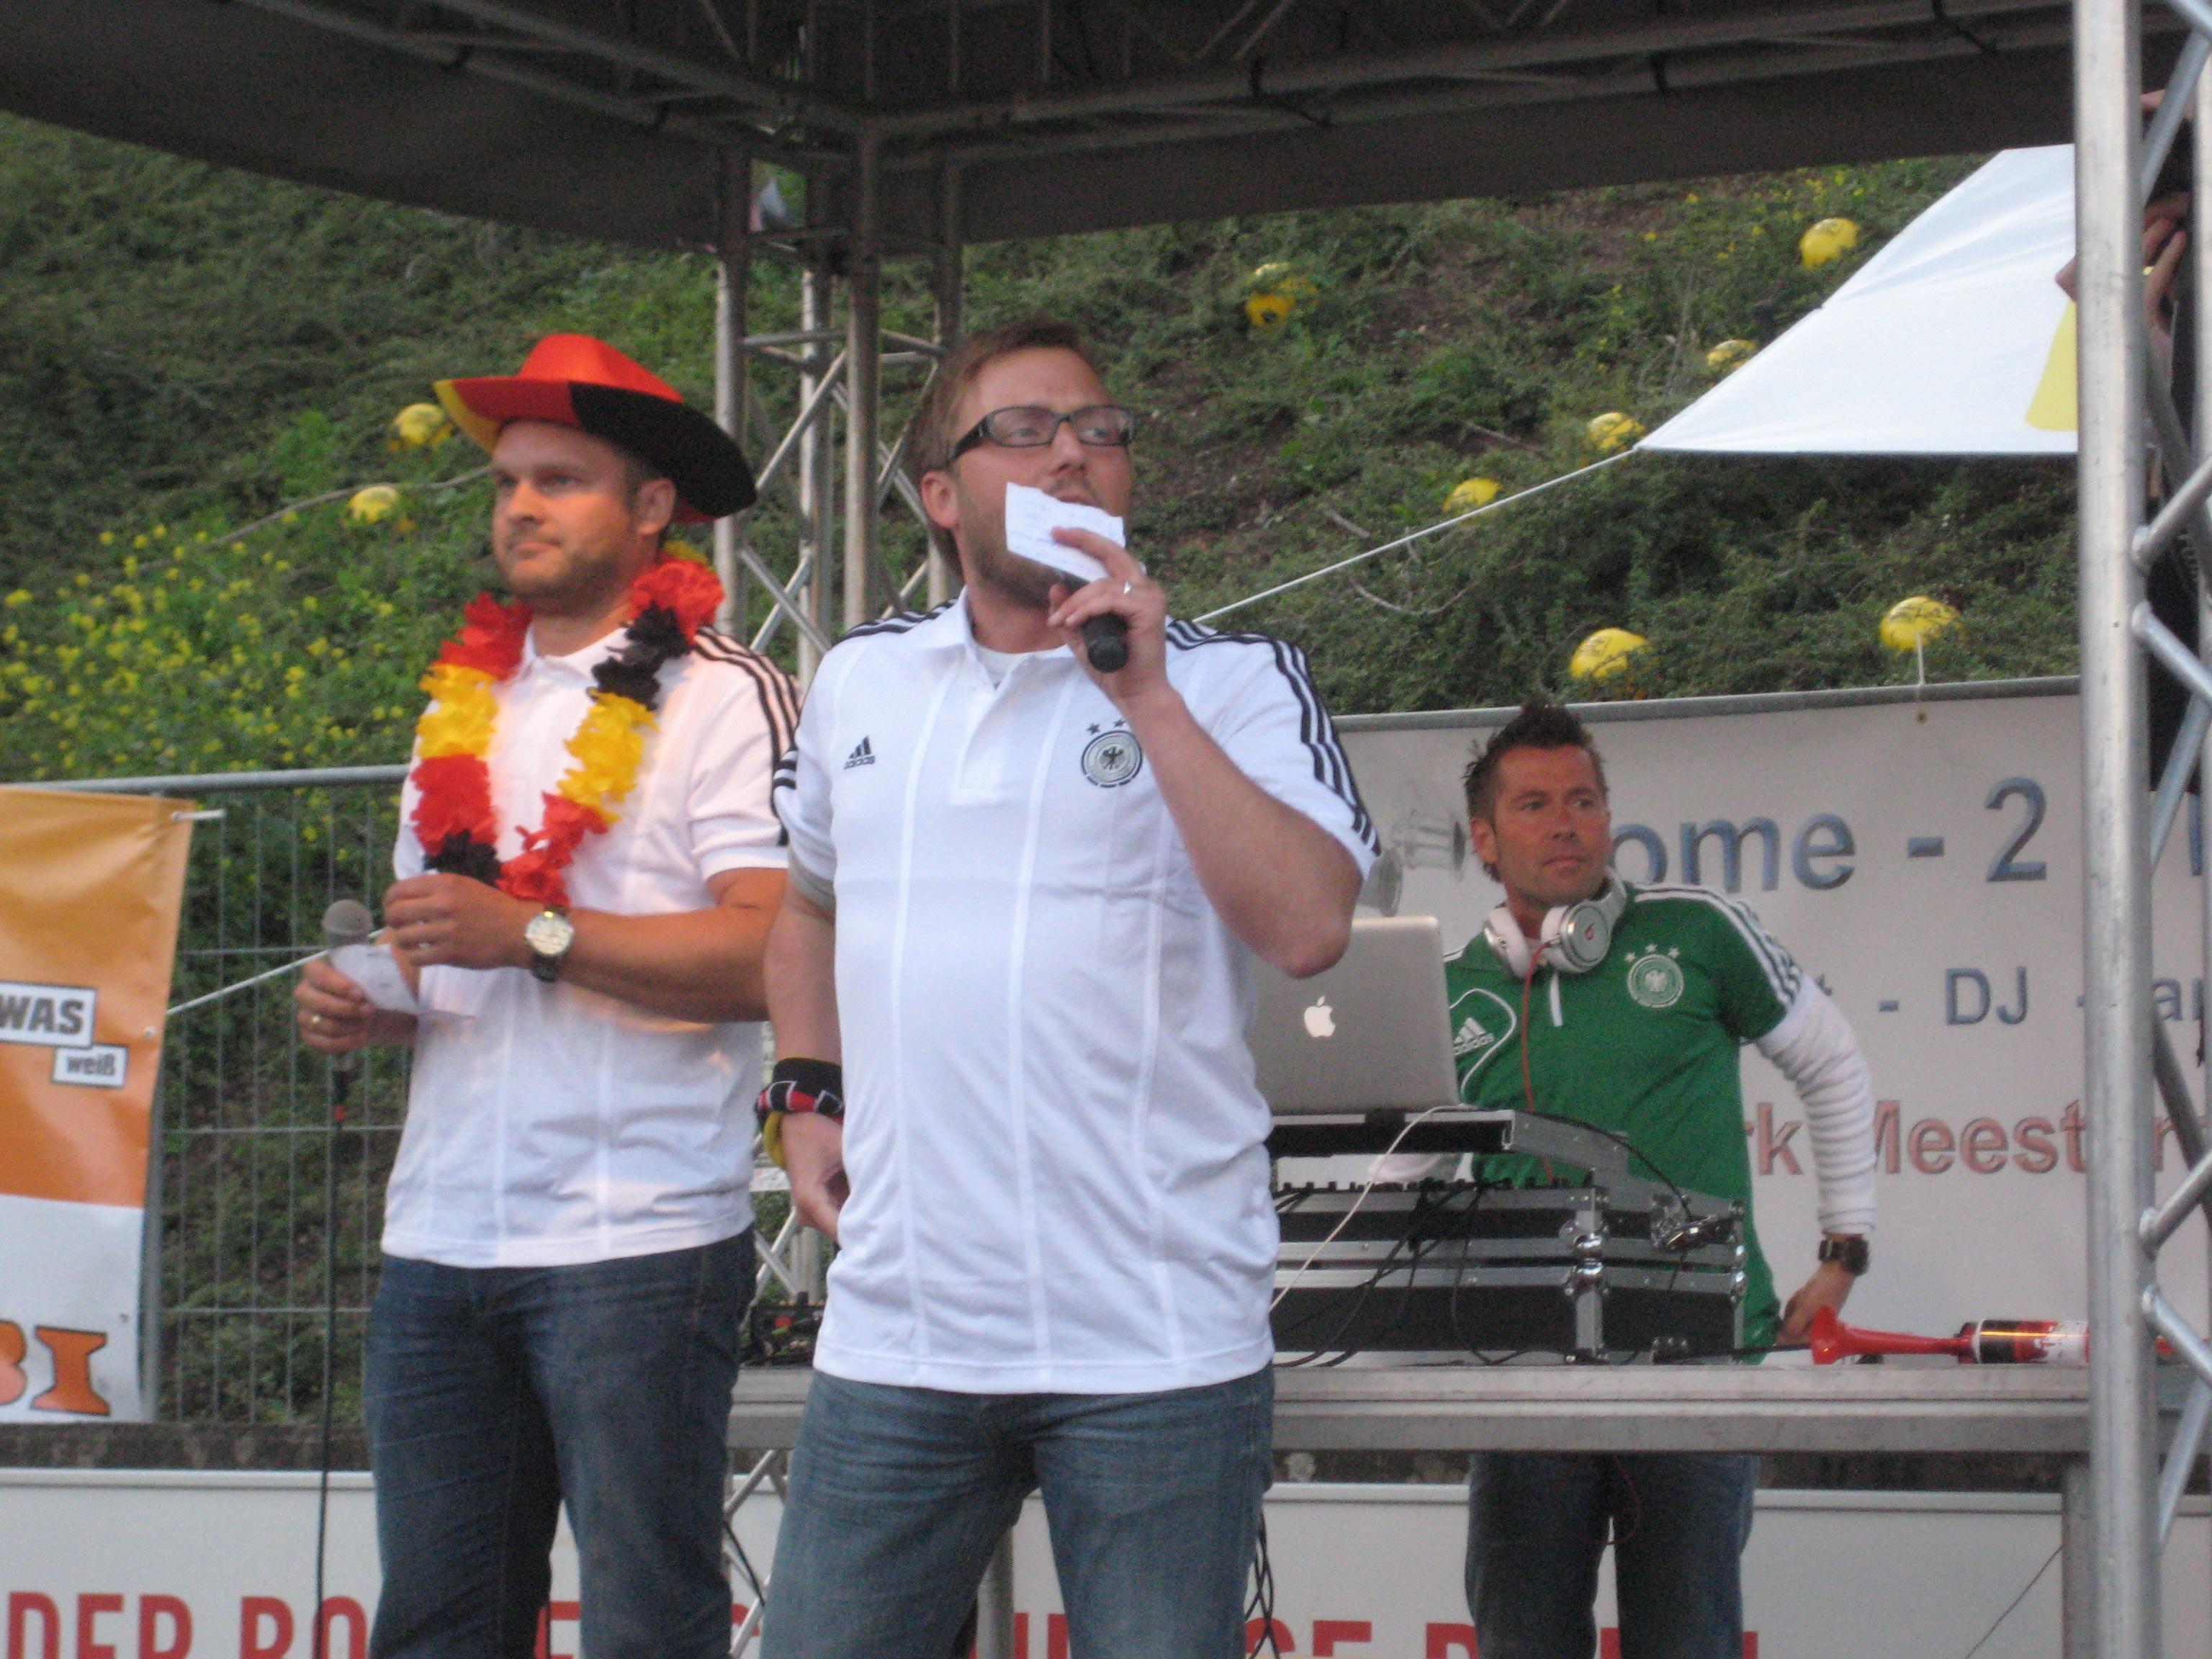 Sportpark Nord EM2012 - Volker, Sven, Dirk